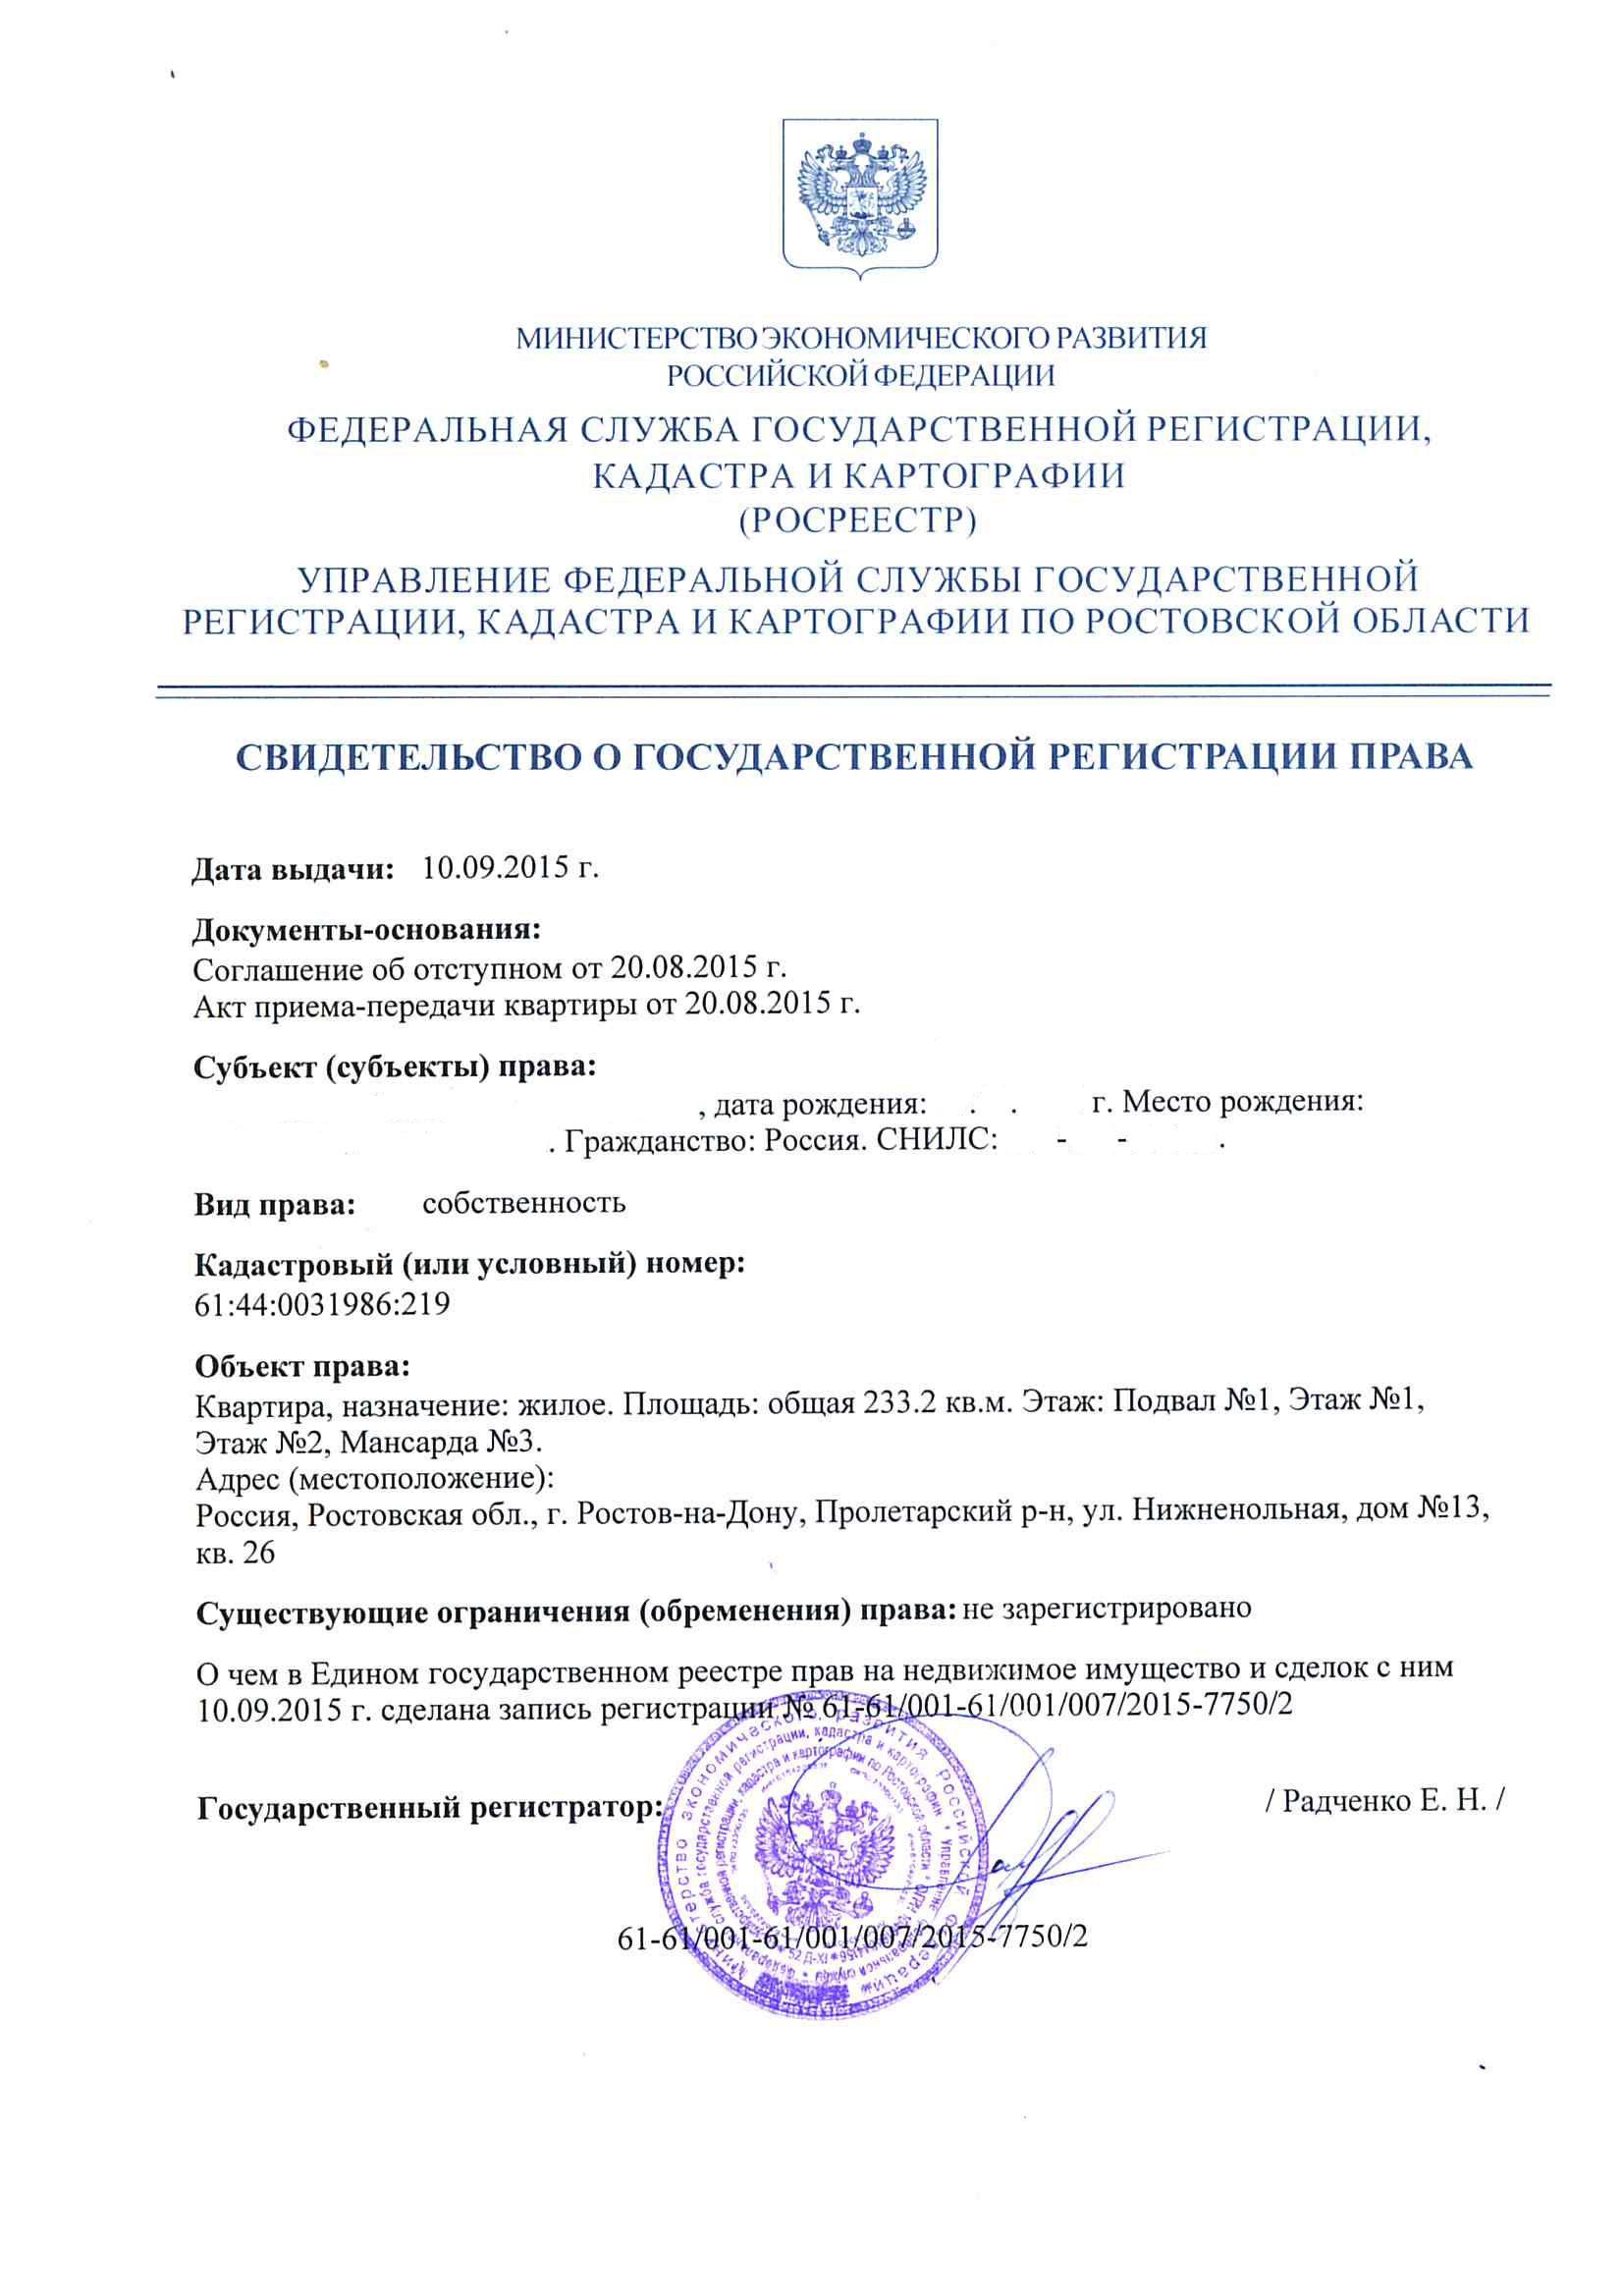 Свидетельство о гос регистрации квартира 26